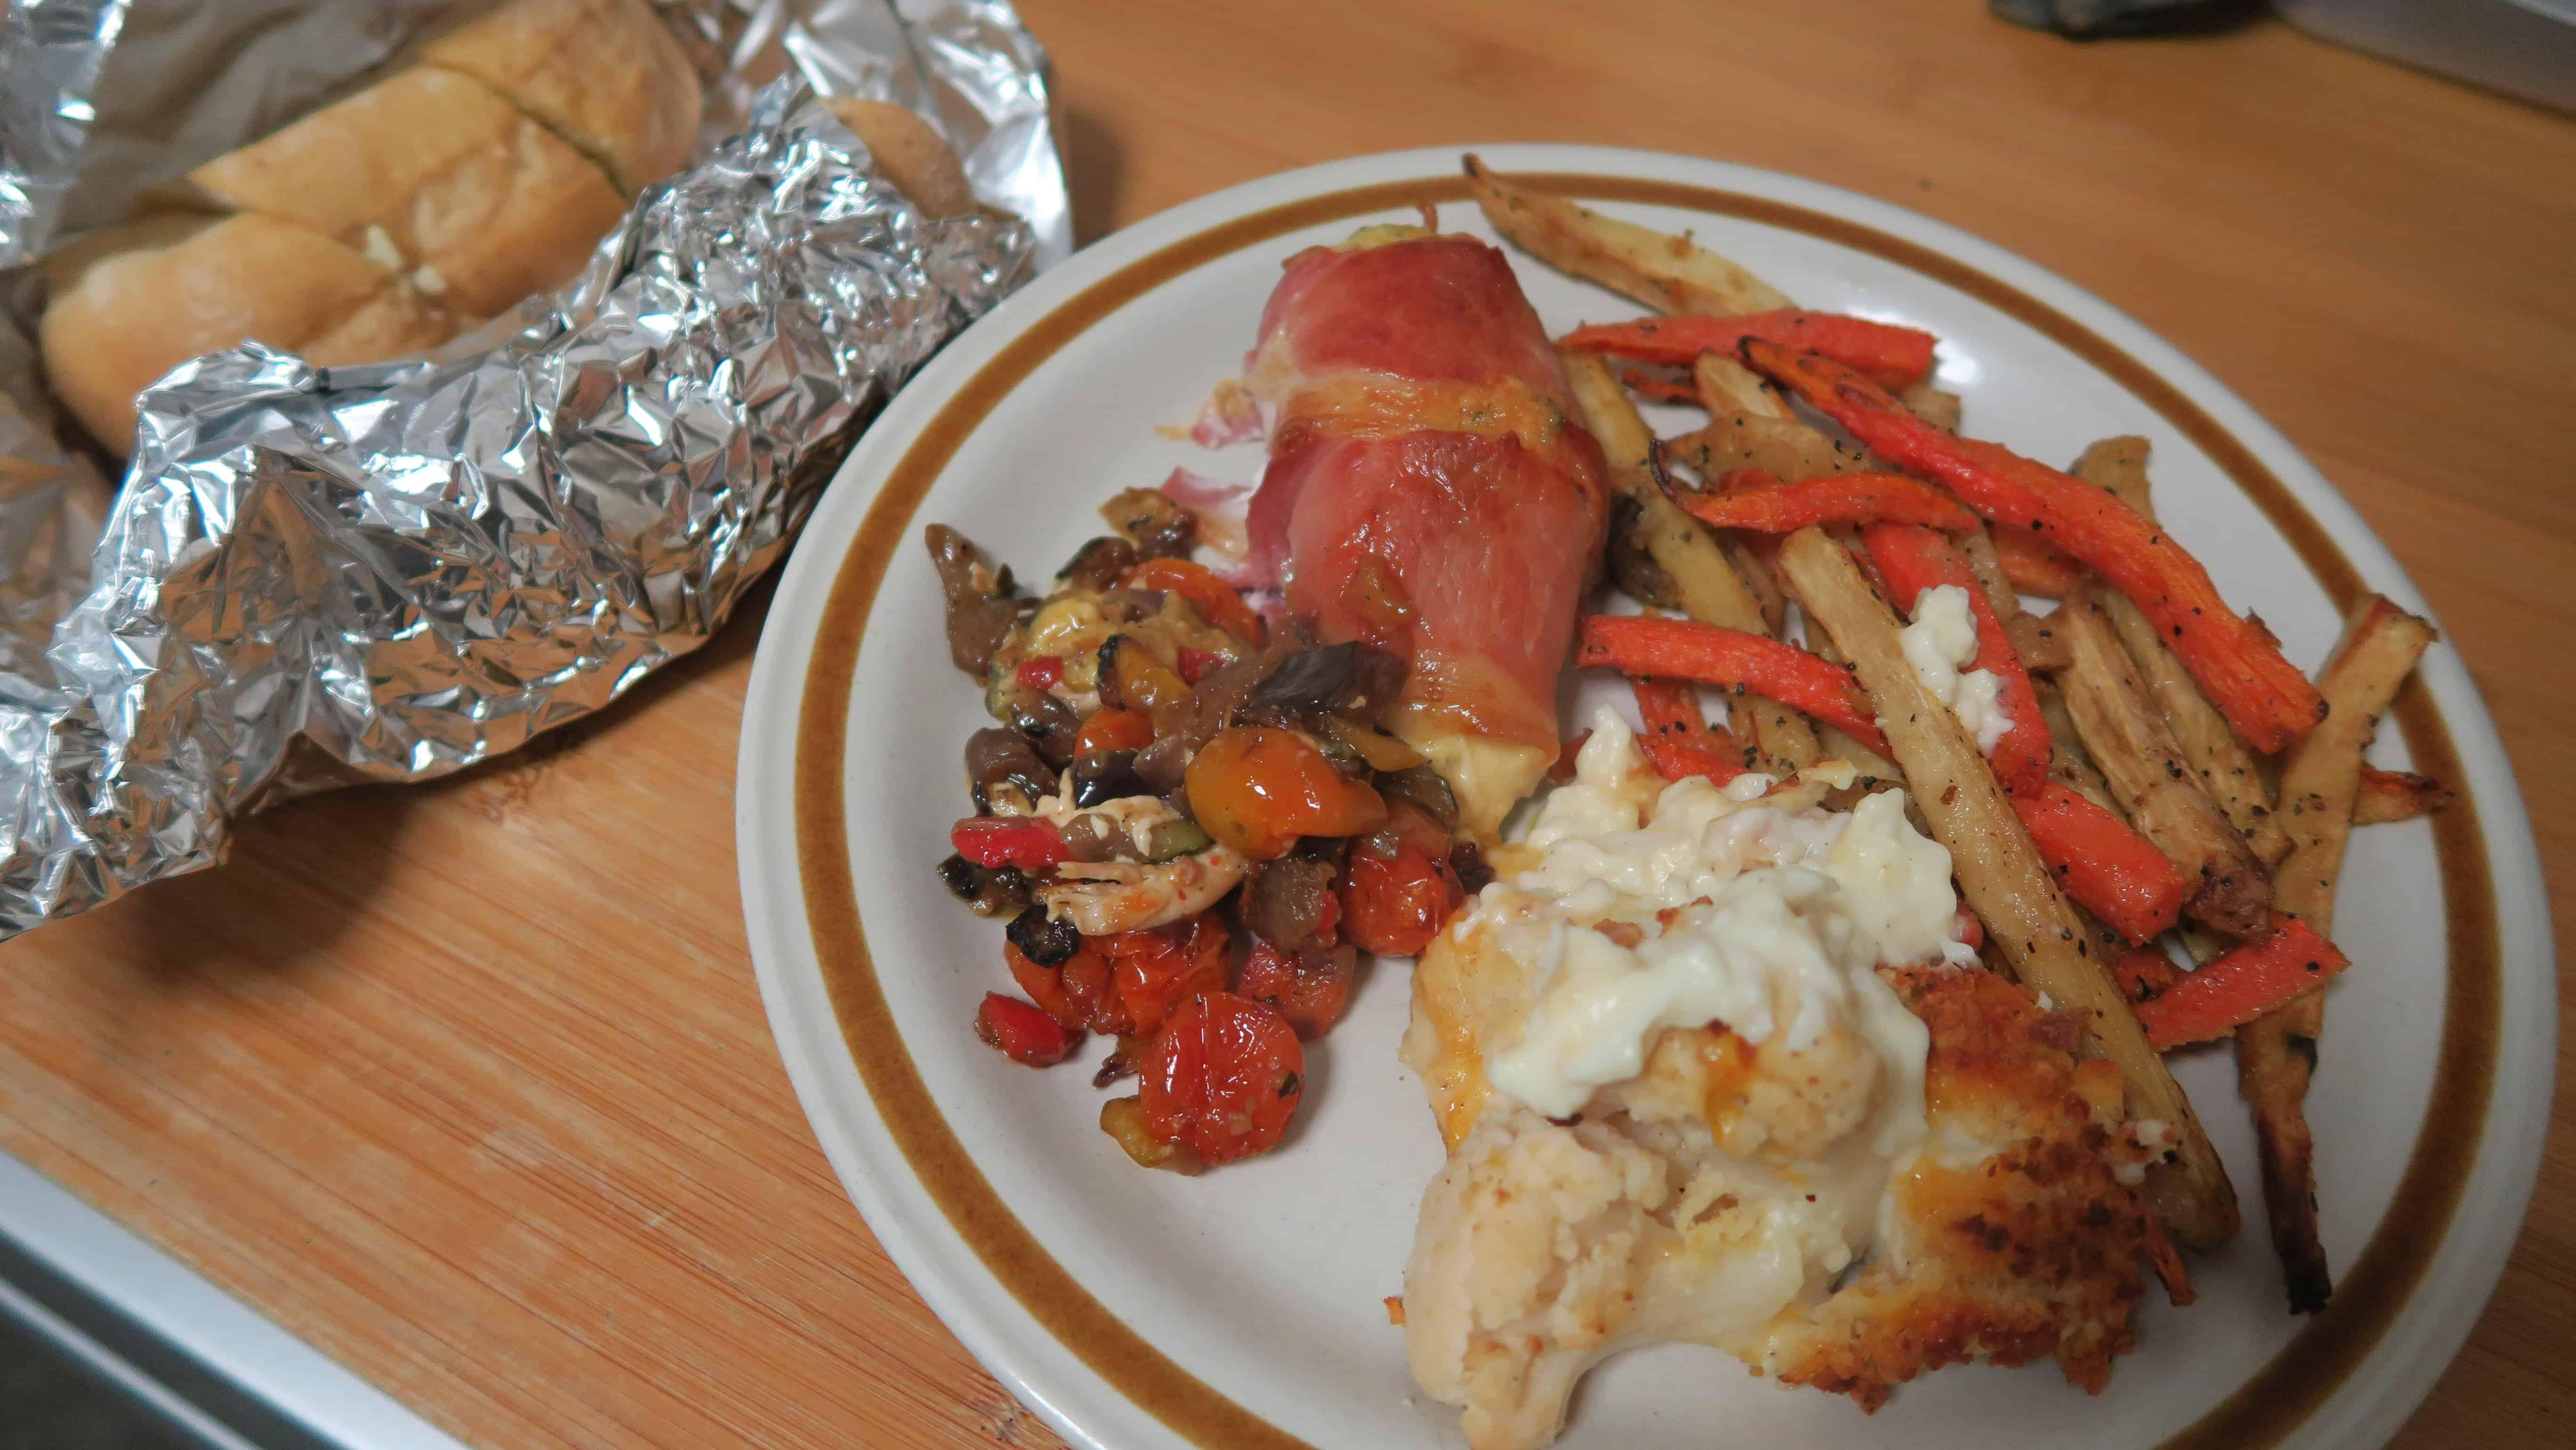 Gluten free dinner idea